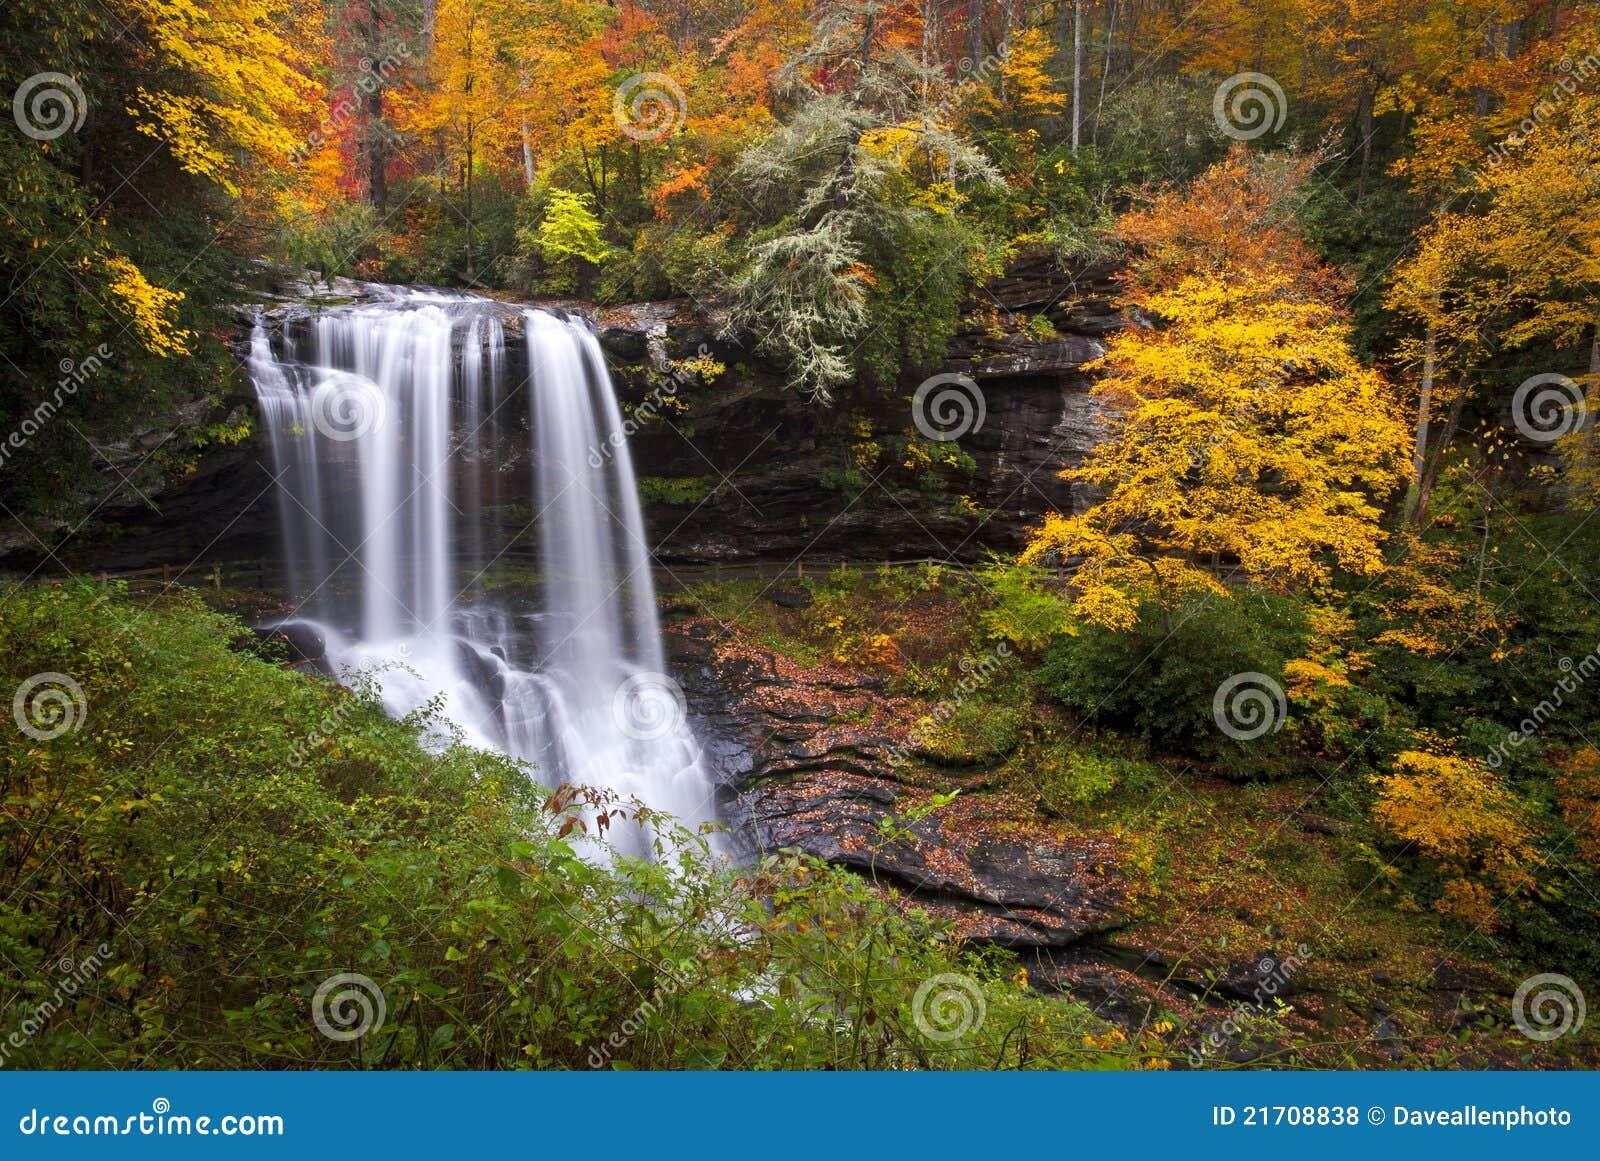 Trocknen Sie Fall-Herbst-Wasserfall-Hochländer NC-Berge